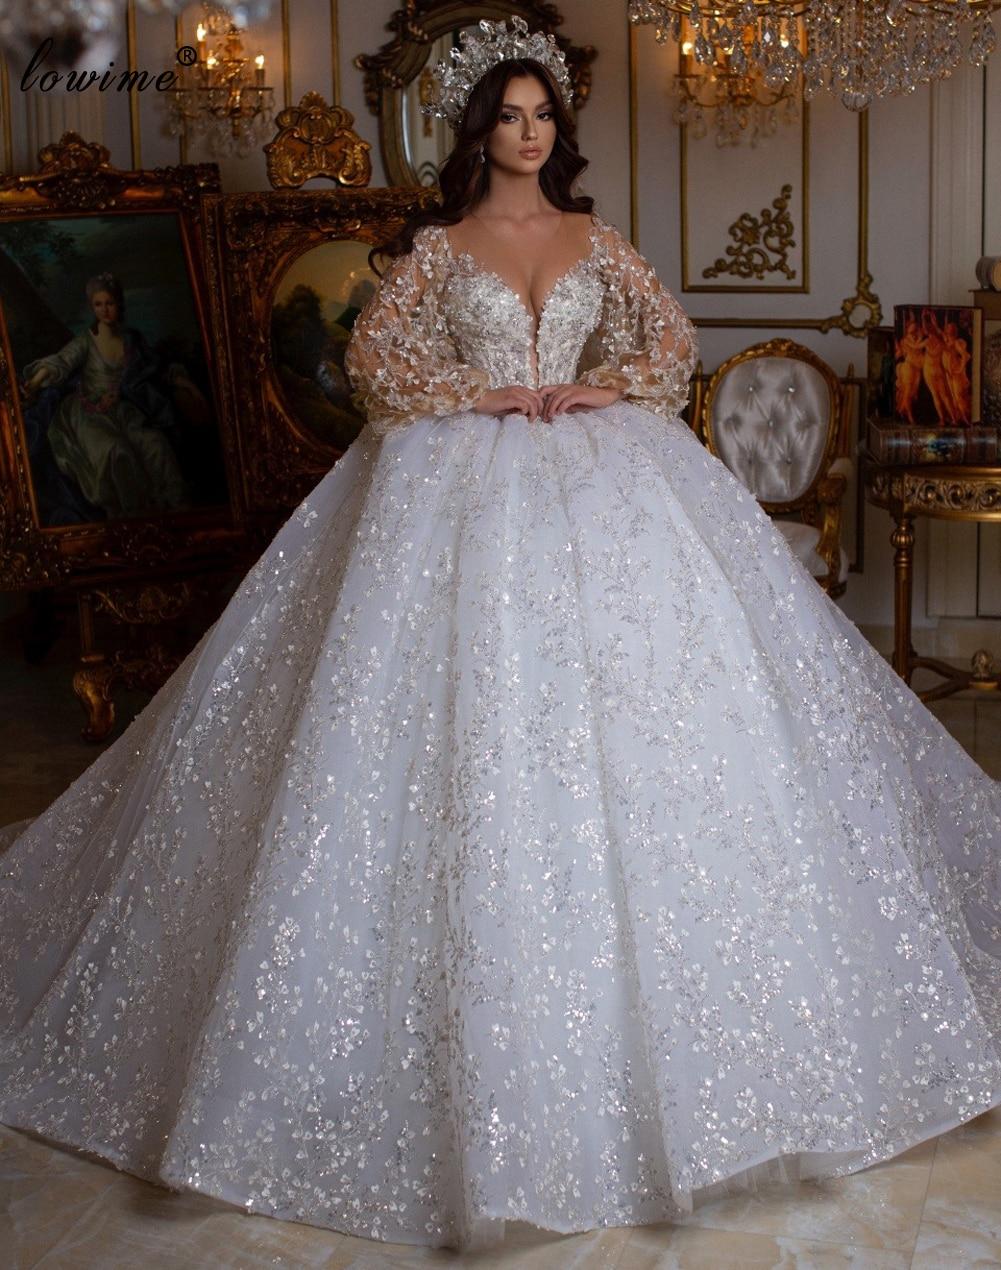 فساتين زفاف فاخرة لامعة 2021 a خط سباركلي أكمام طويلة فساتين زفاف الأميرة فساتين زفاف للنساء رداء دي ماريج